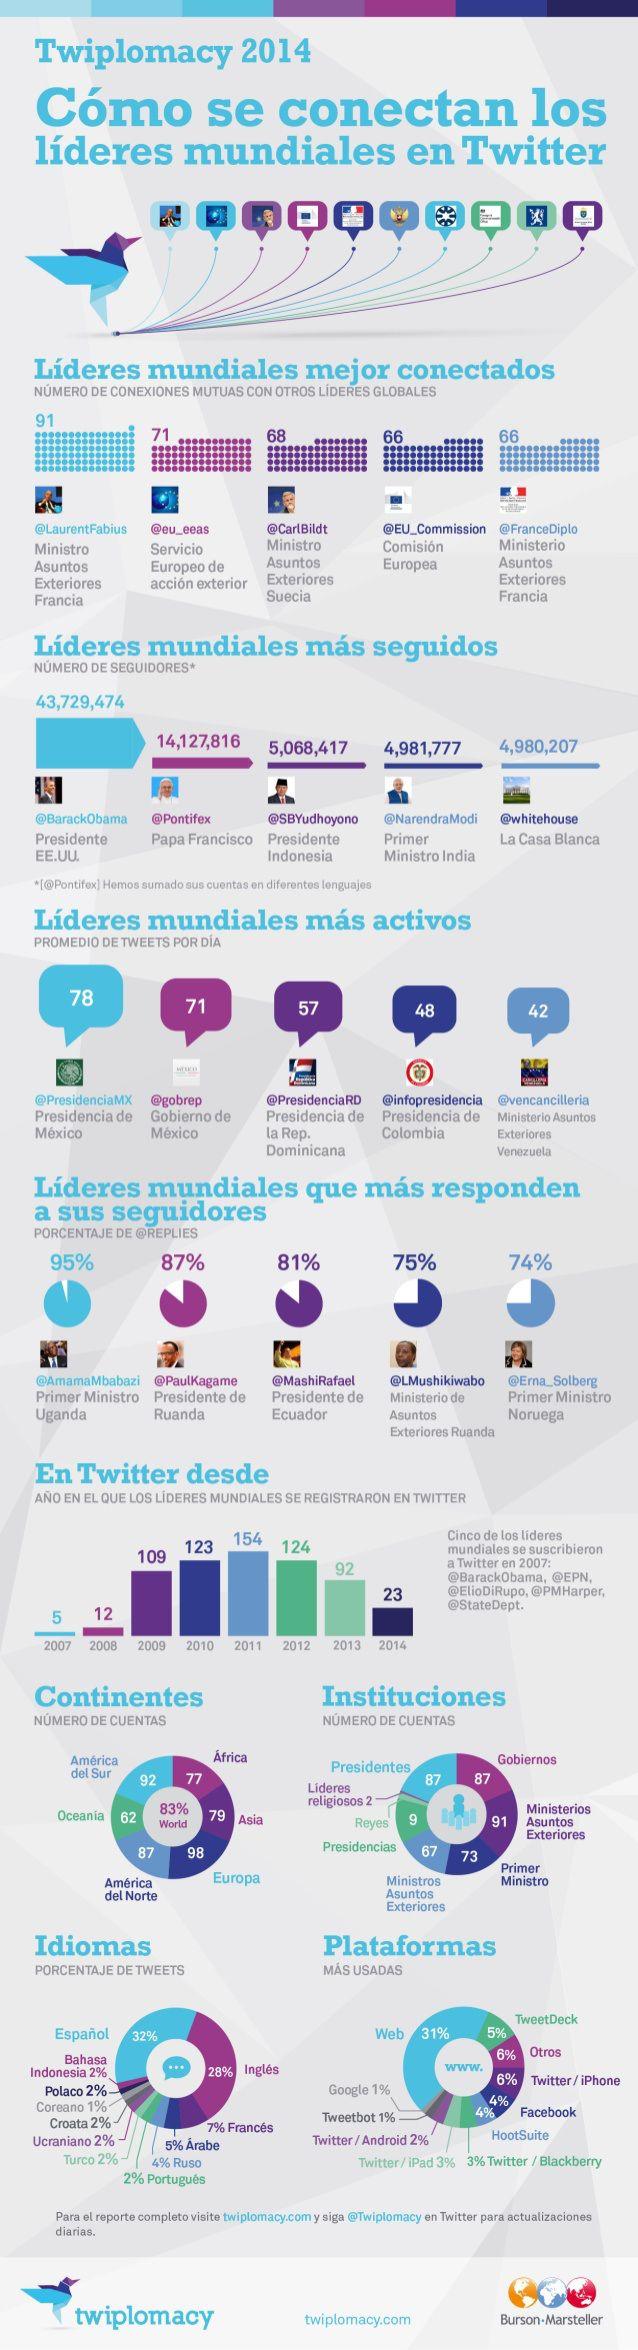 Cómo conectan los líderes mundiales en Twitter #socialmedia #communitymanager